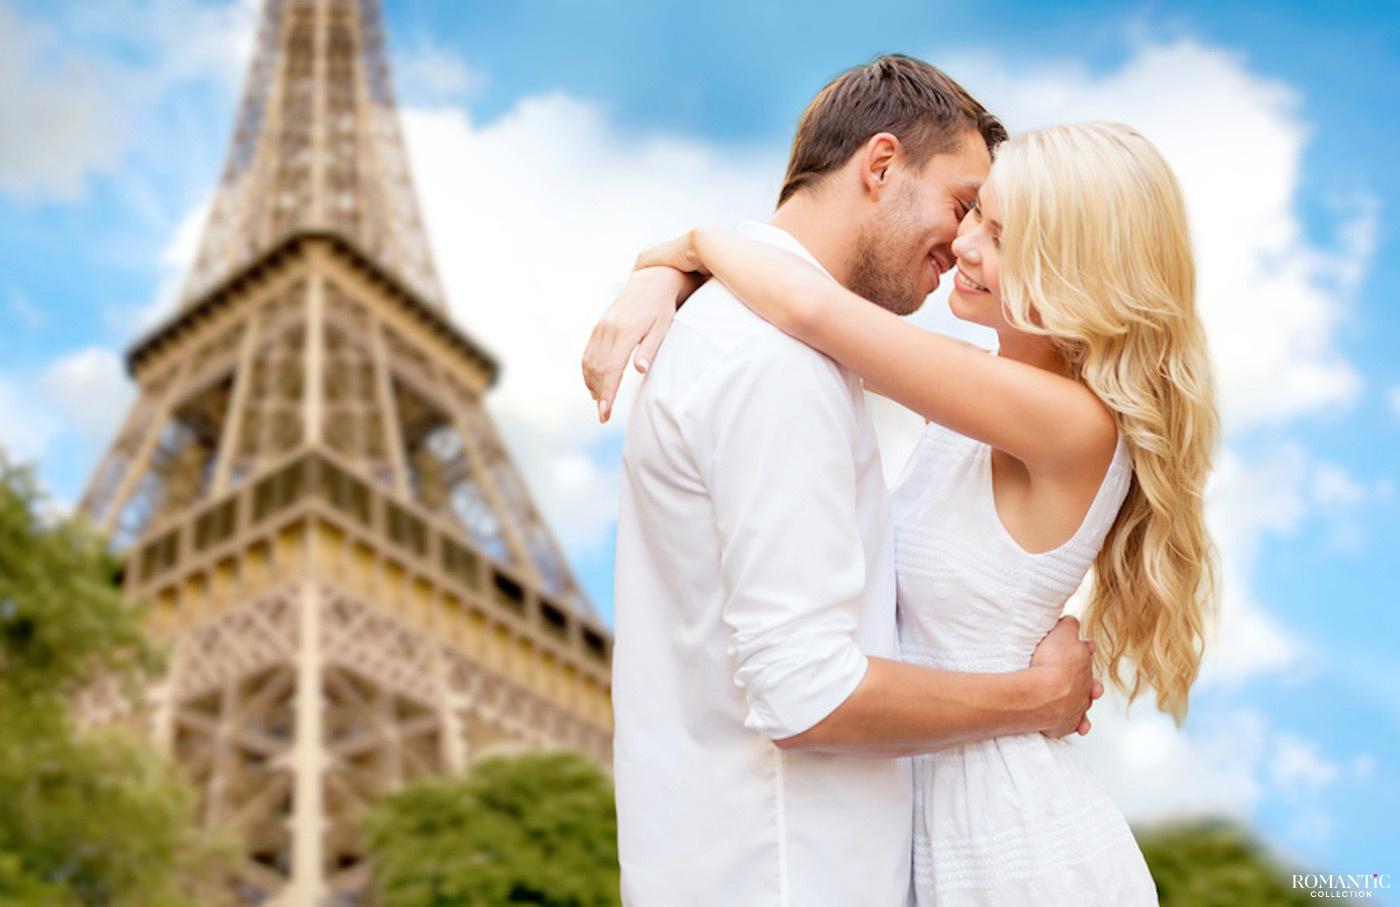 Влюбленные у подножия Эйфелевой башни